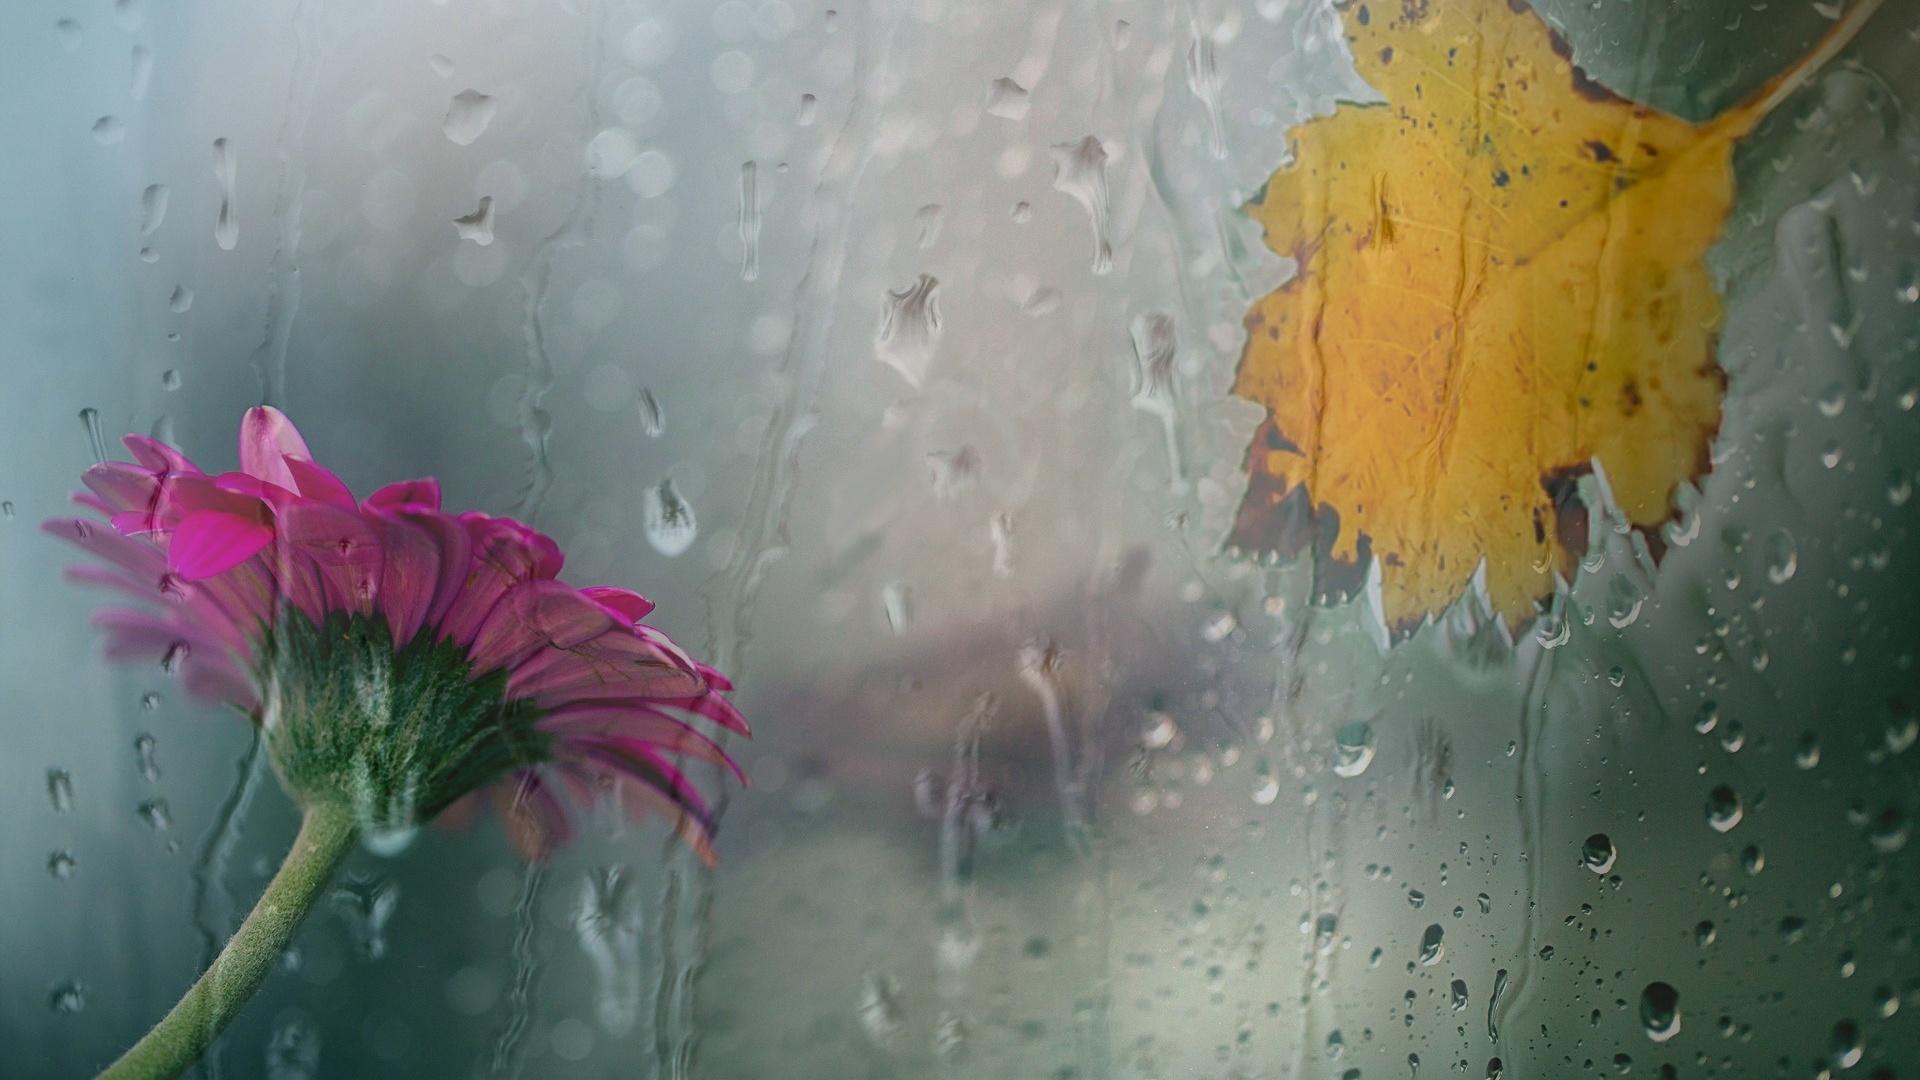 цвет под дождем картинка продаются специальные